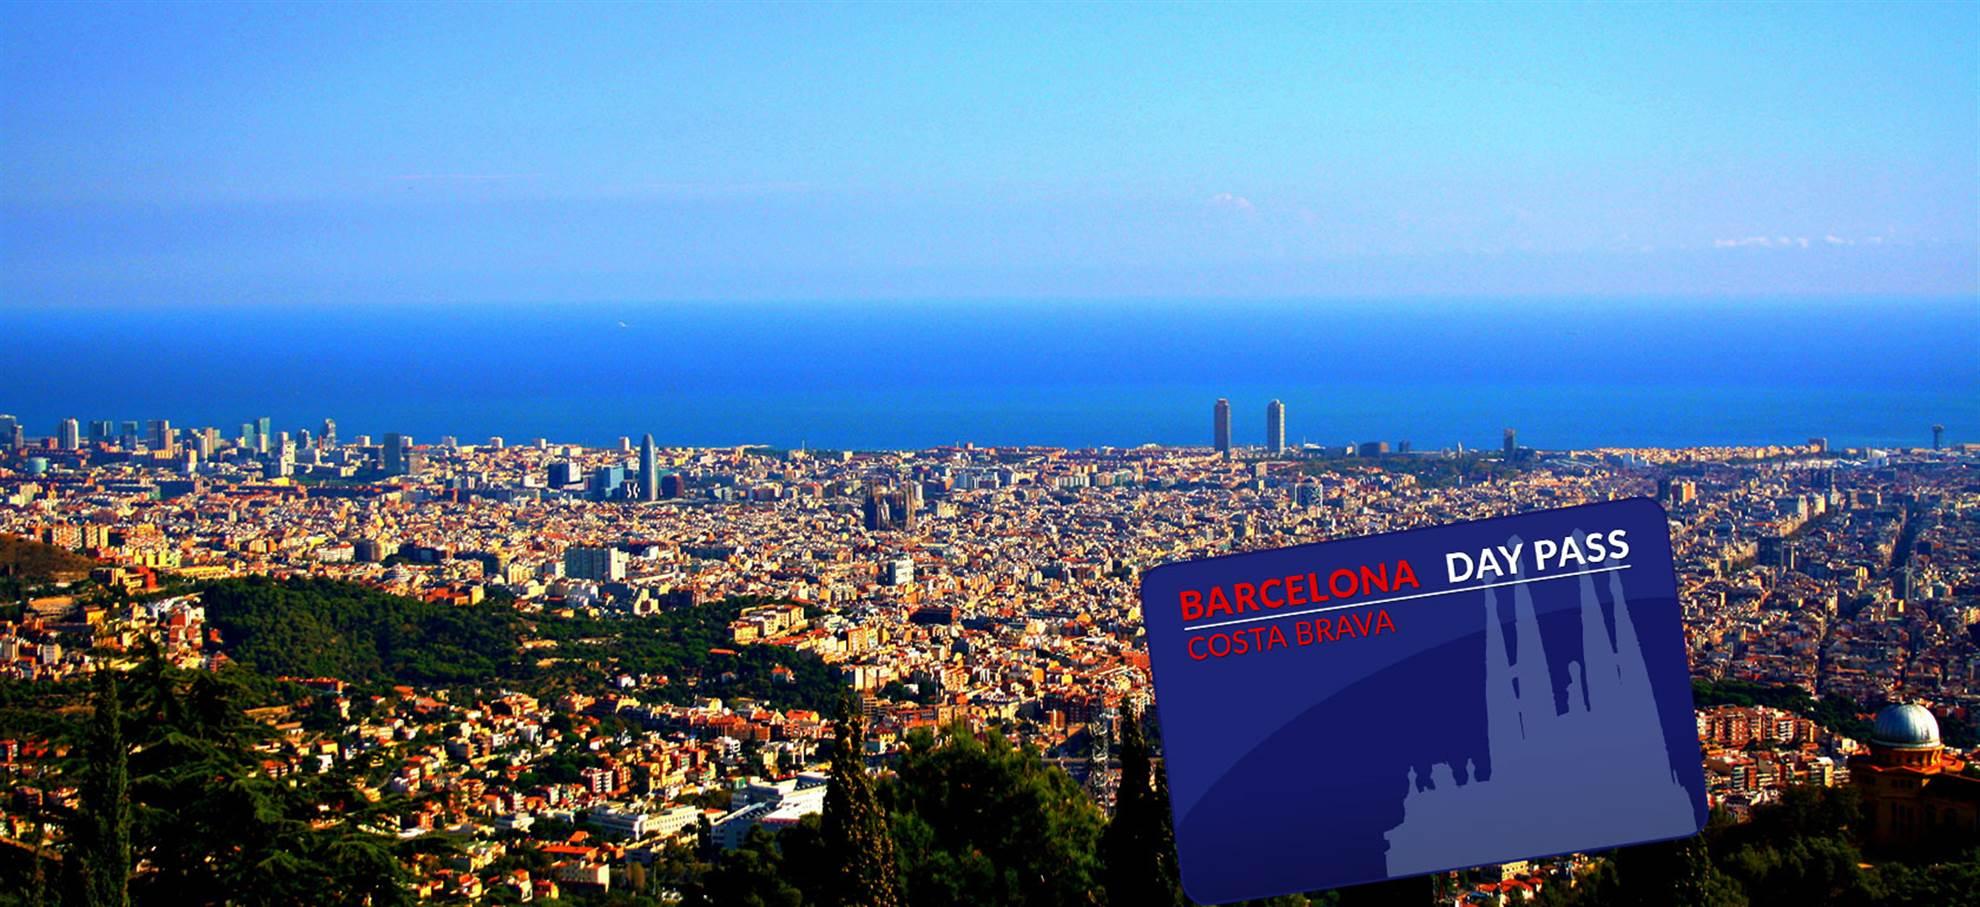 Costa Brava – Barcelona Tageskarte